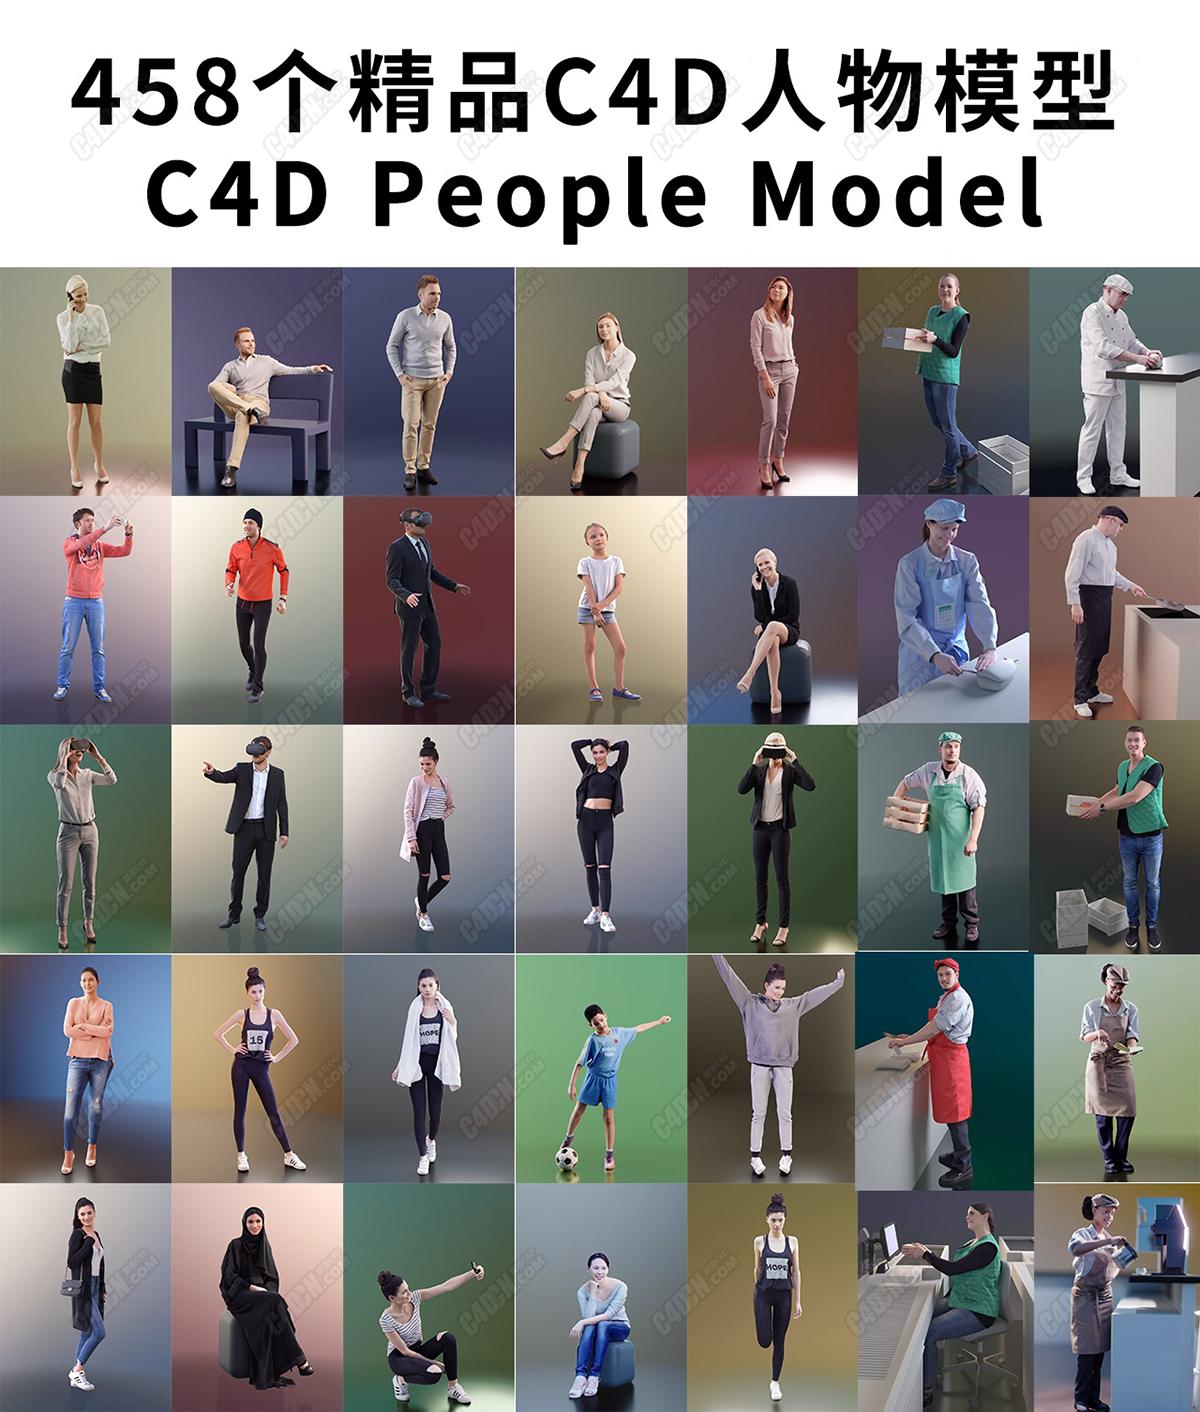 458个精品写实C4D人物模型素材合集(包含贴图材质)